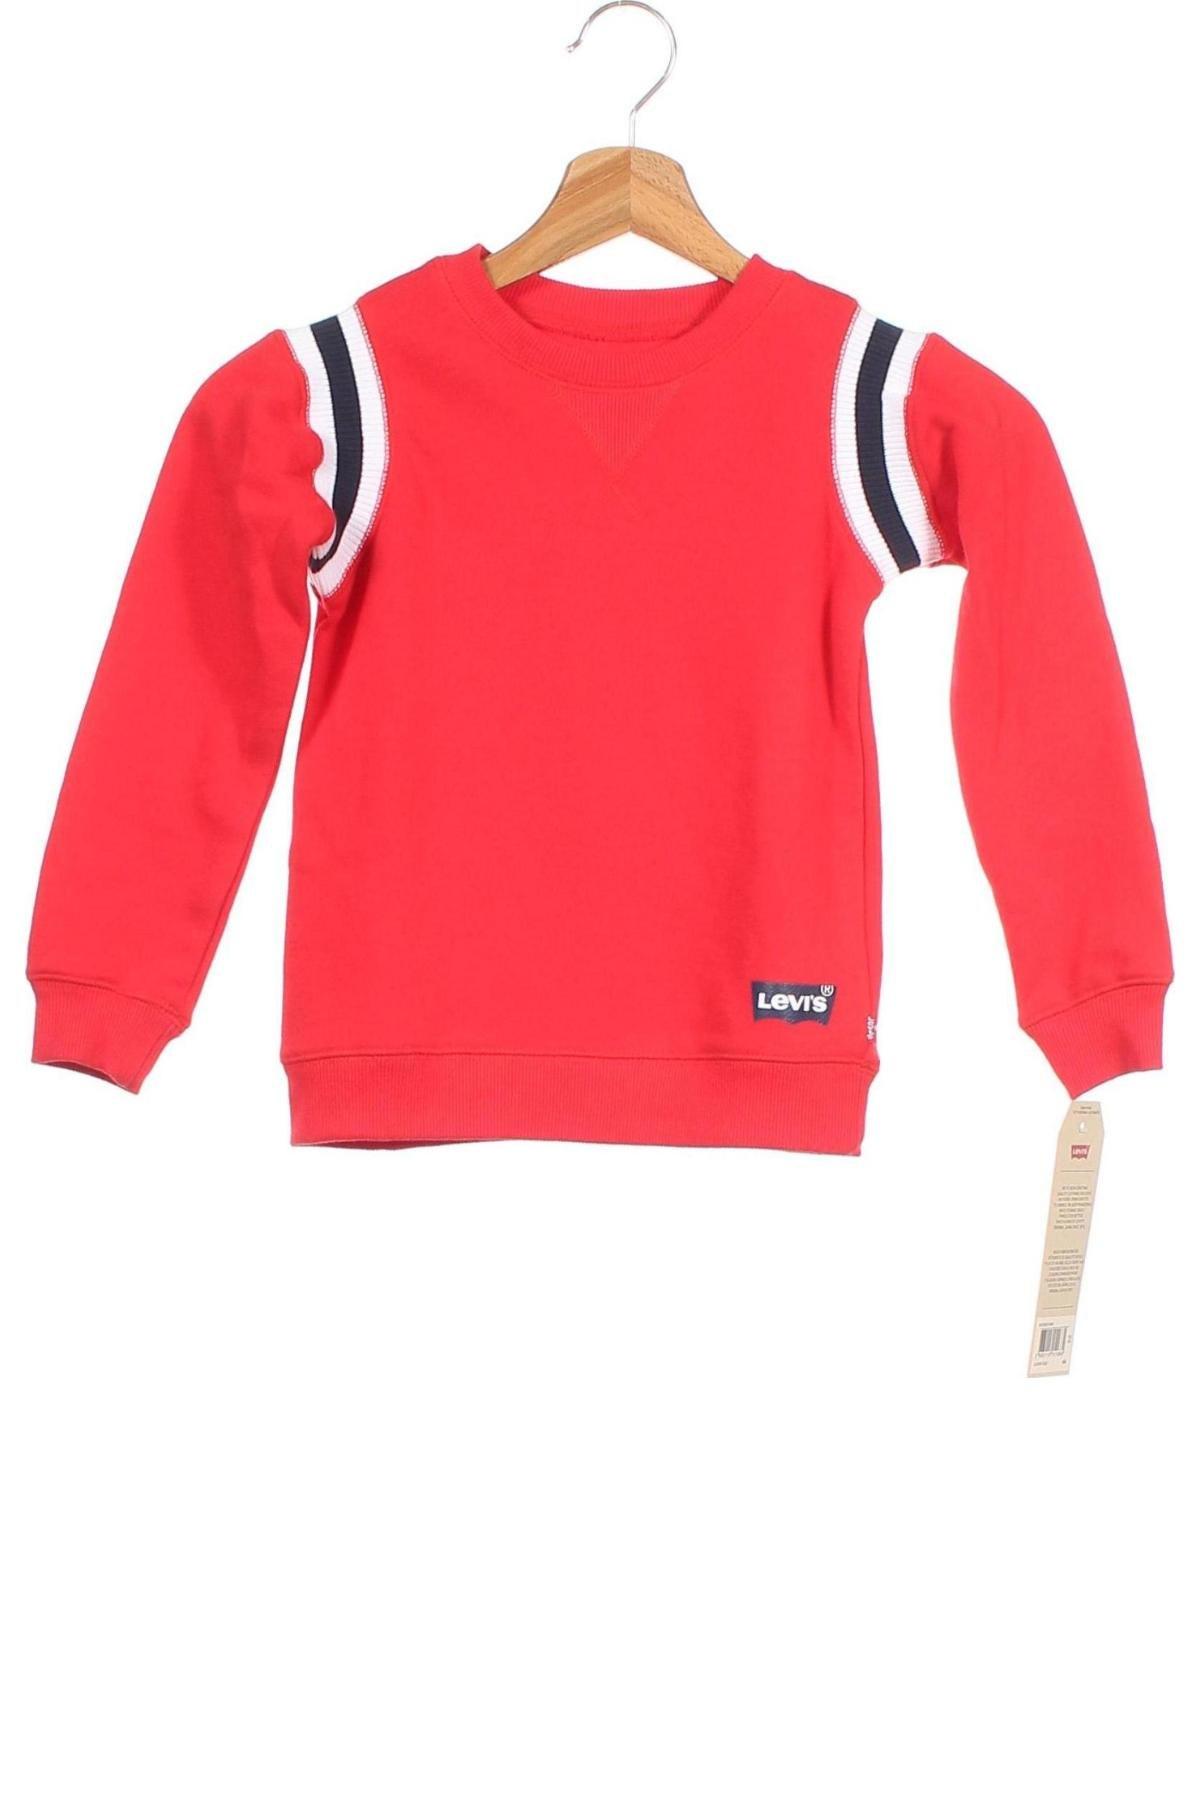 Παιδική μπλούζα Levi's, Μέγεθος 2-3y/ 98-104 εκ., Χρώμα Κόκκινο, 60% βαμβάκι, 40% πολυεστέρας, Τιμή 19,56€